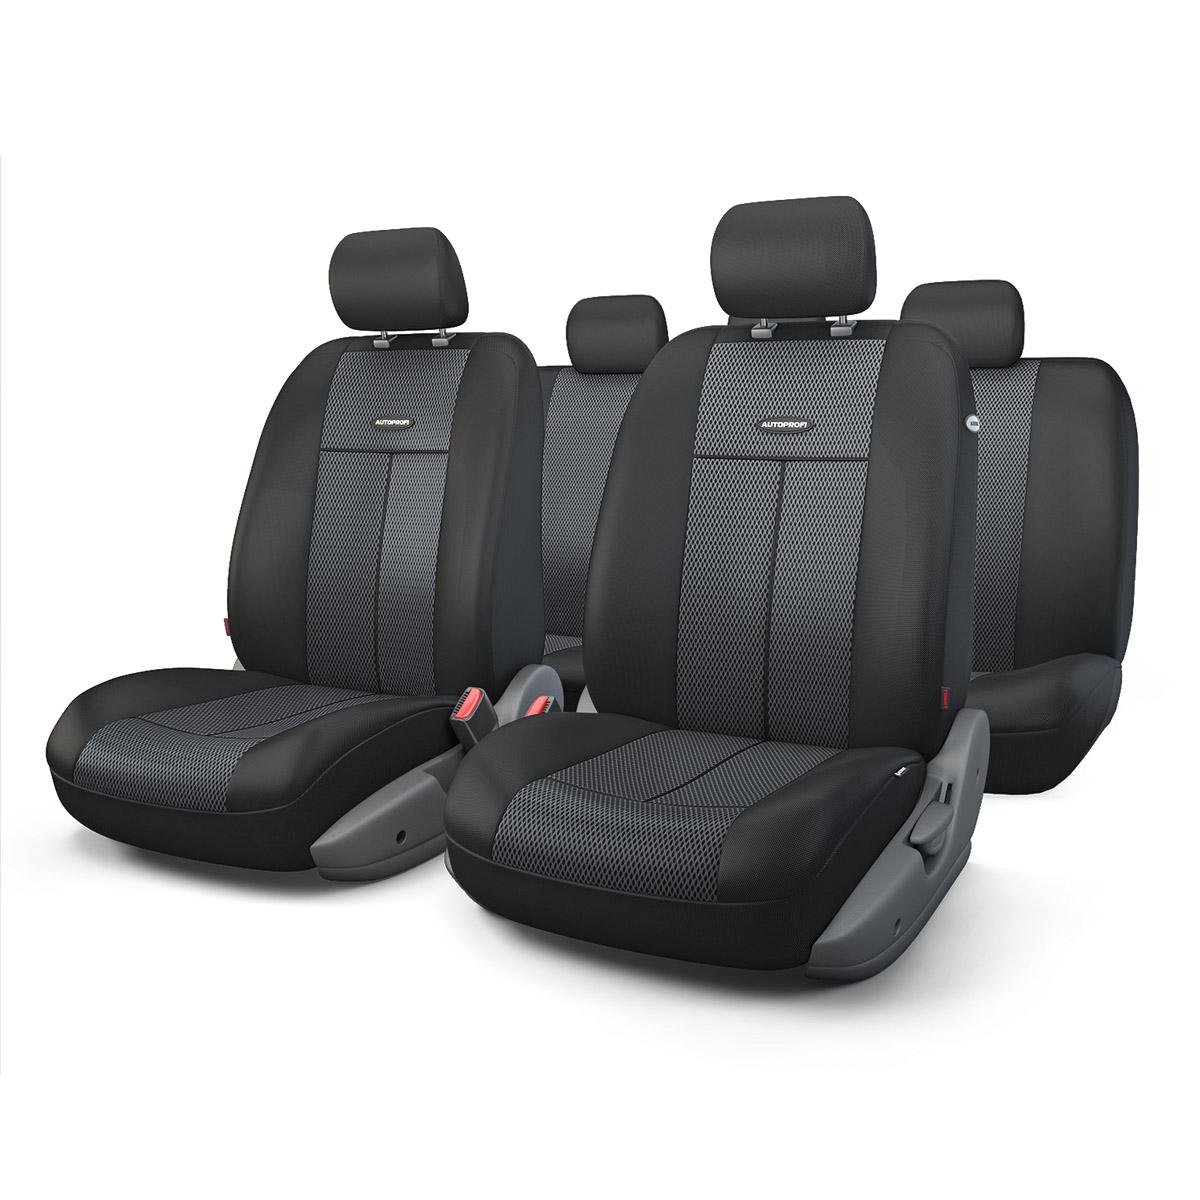 Чехол на сиденье Autoprofi Tt-902m bk/bk аксессуары для автомобиля autoprofi автомобильные чехлы tt airbag tt 902m 9 предметов